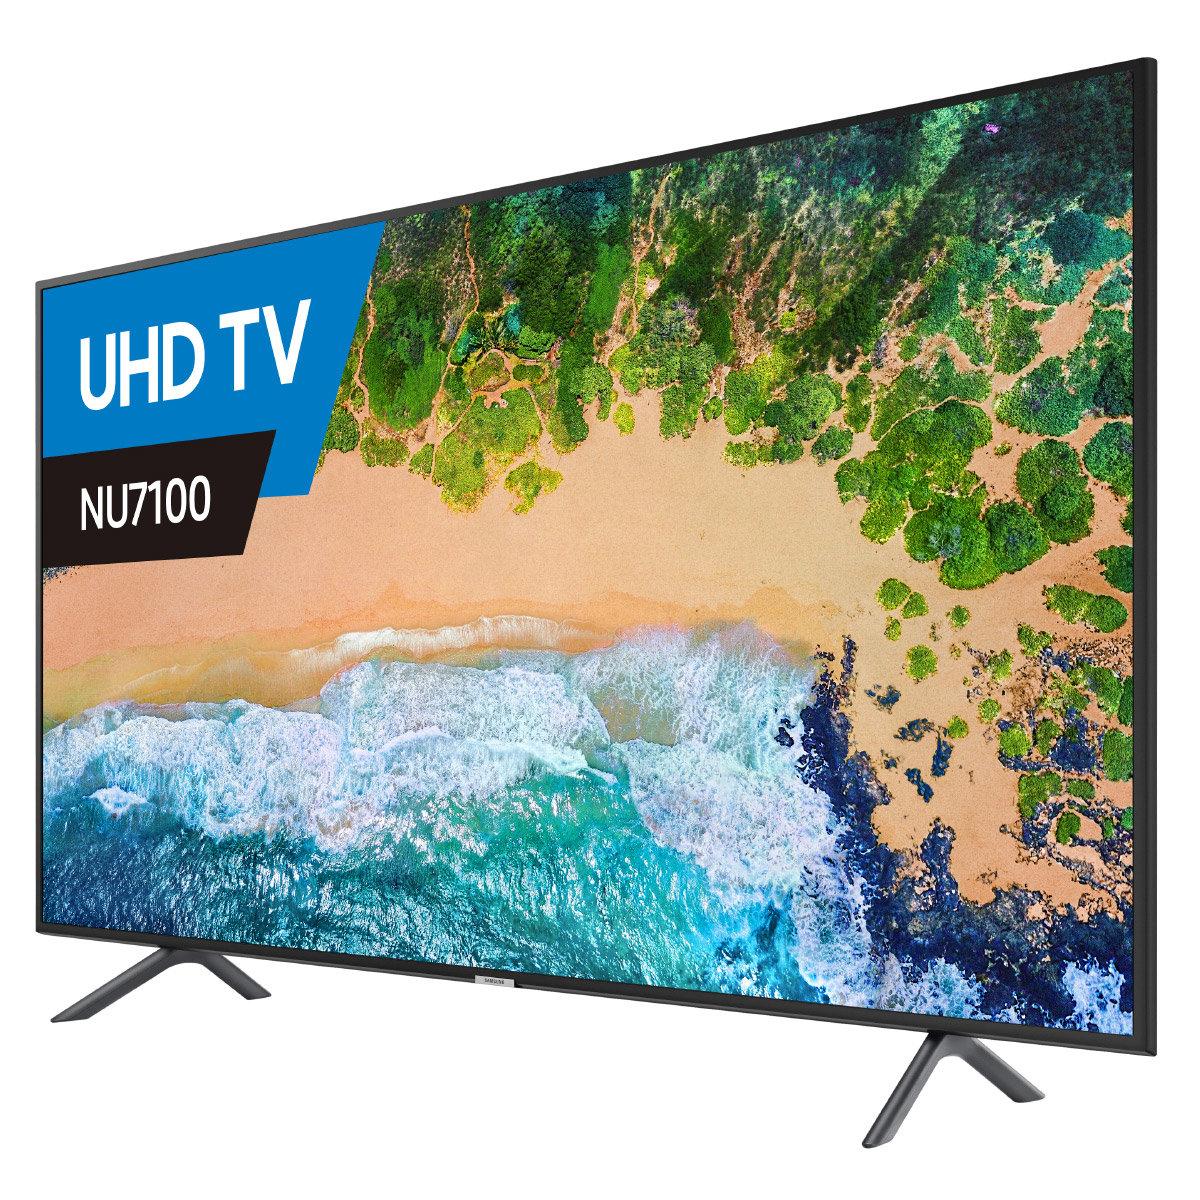 سامسونج , تلفزيون ذكي بحجم 43 بوصة بتقنية 4 كي| بلينك الكويت